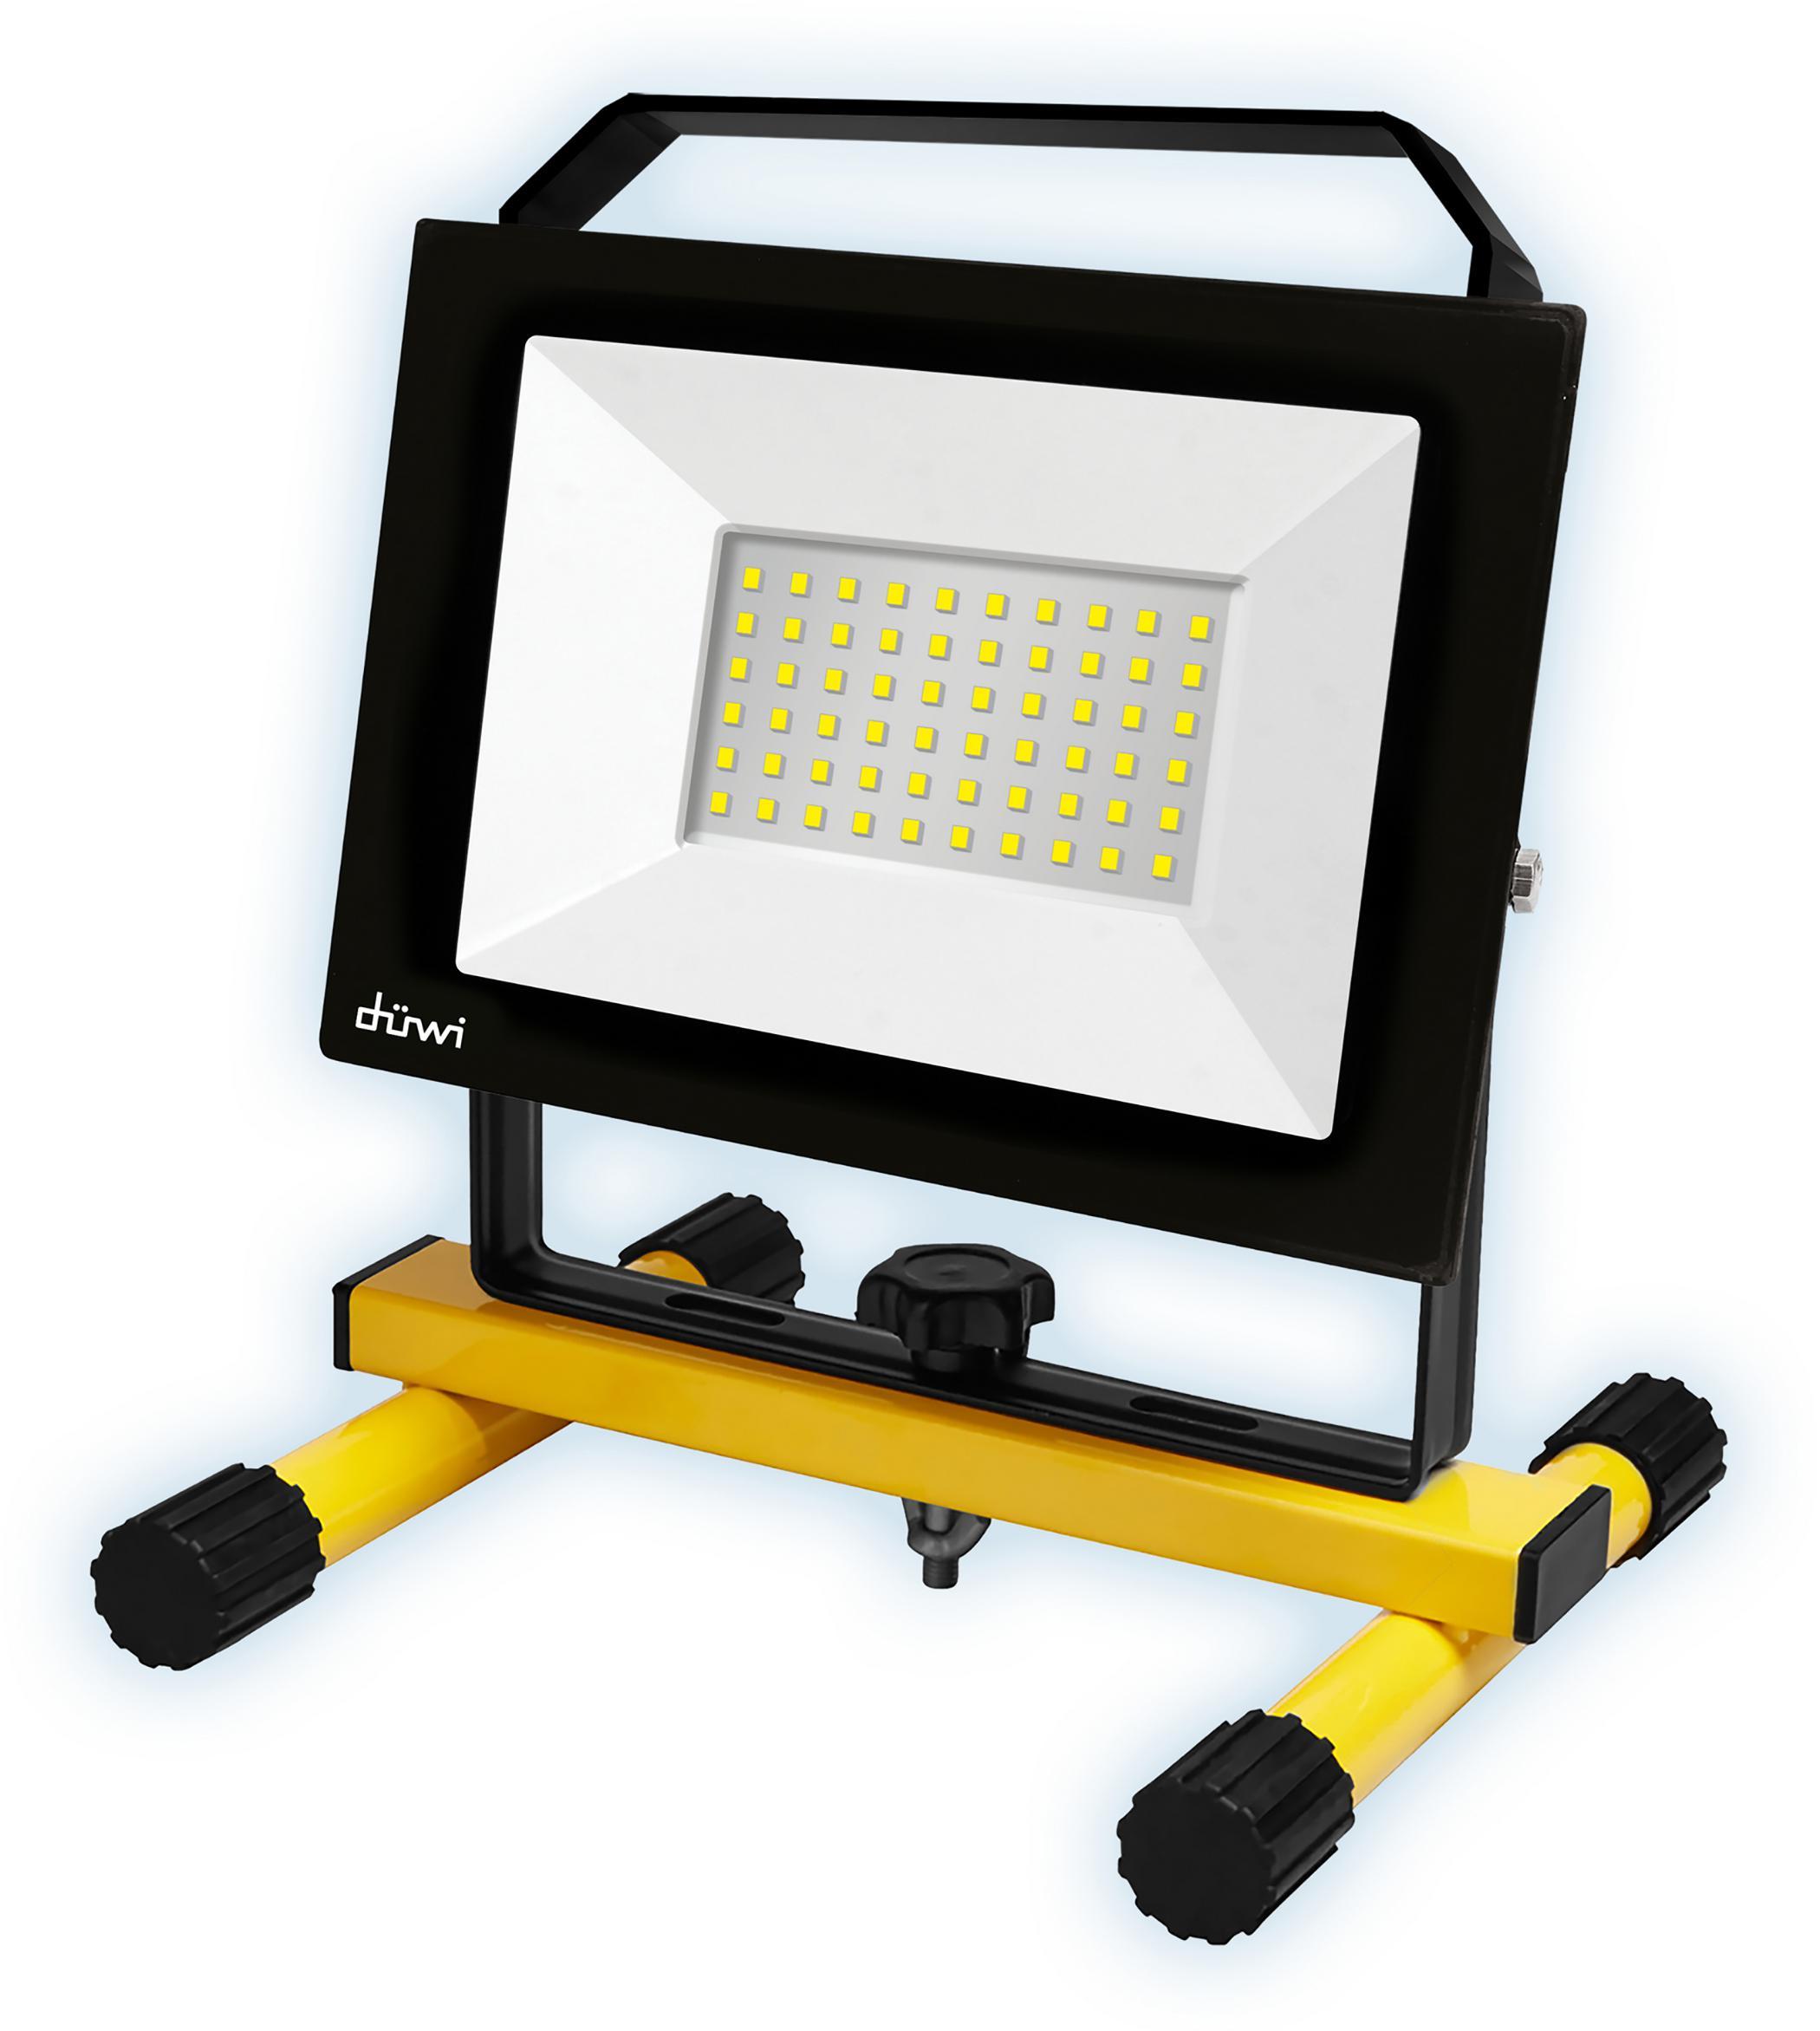 Прожектор аккумуляторный светодиодный Duwi 29139 8